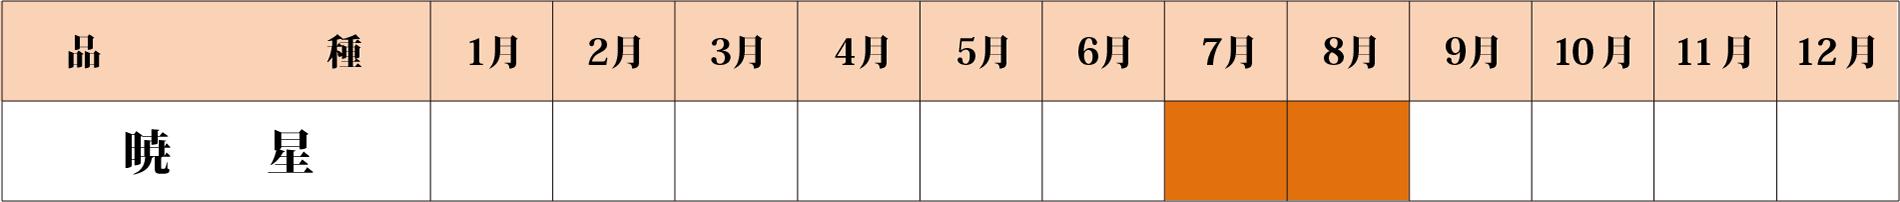 暁星カレンダー